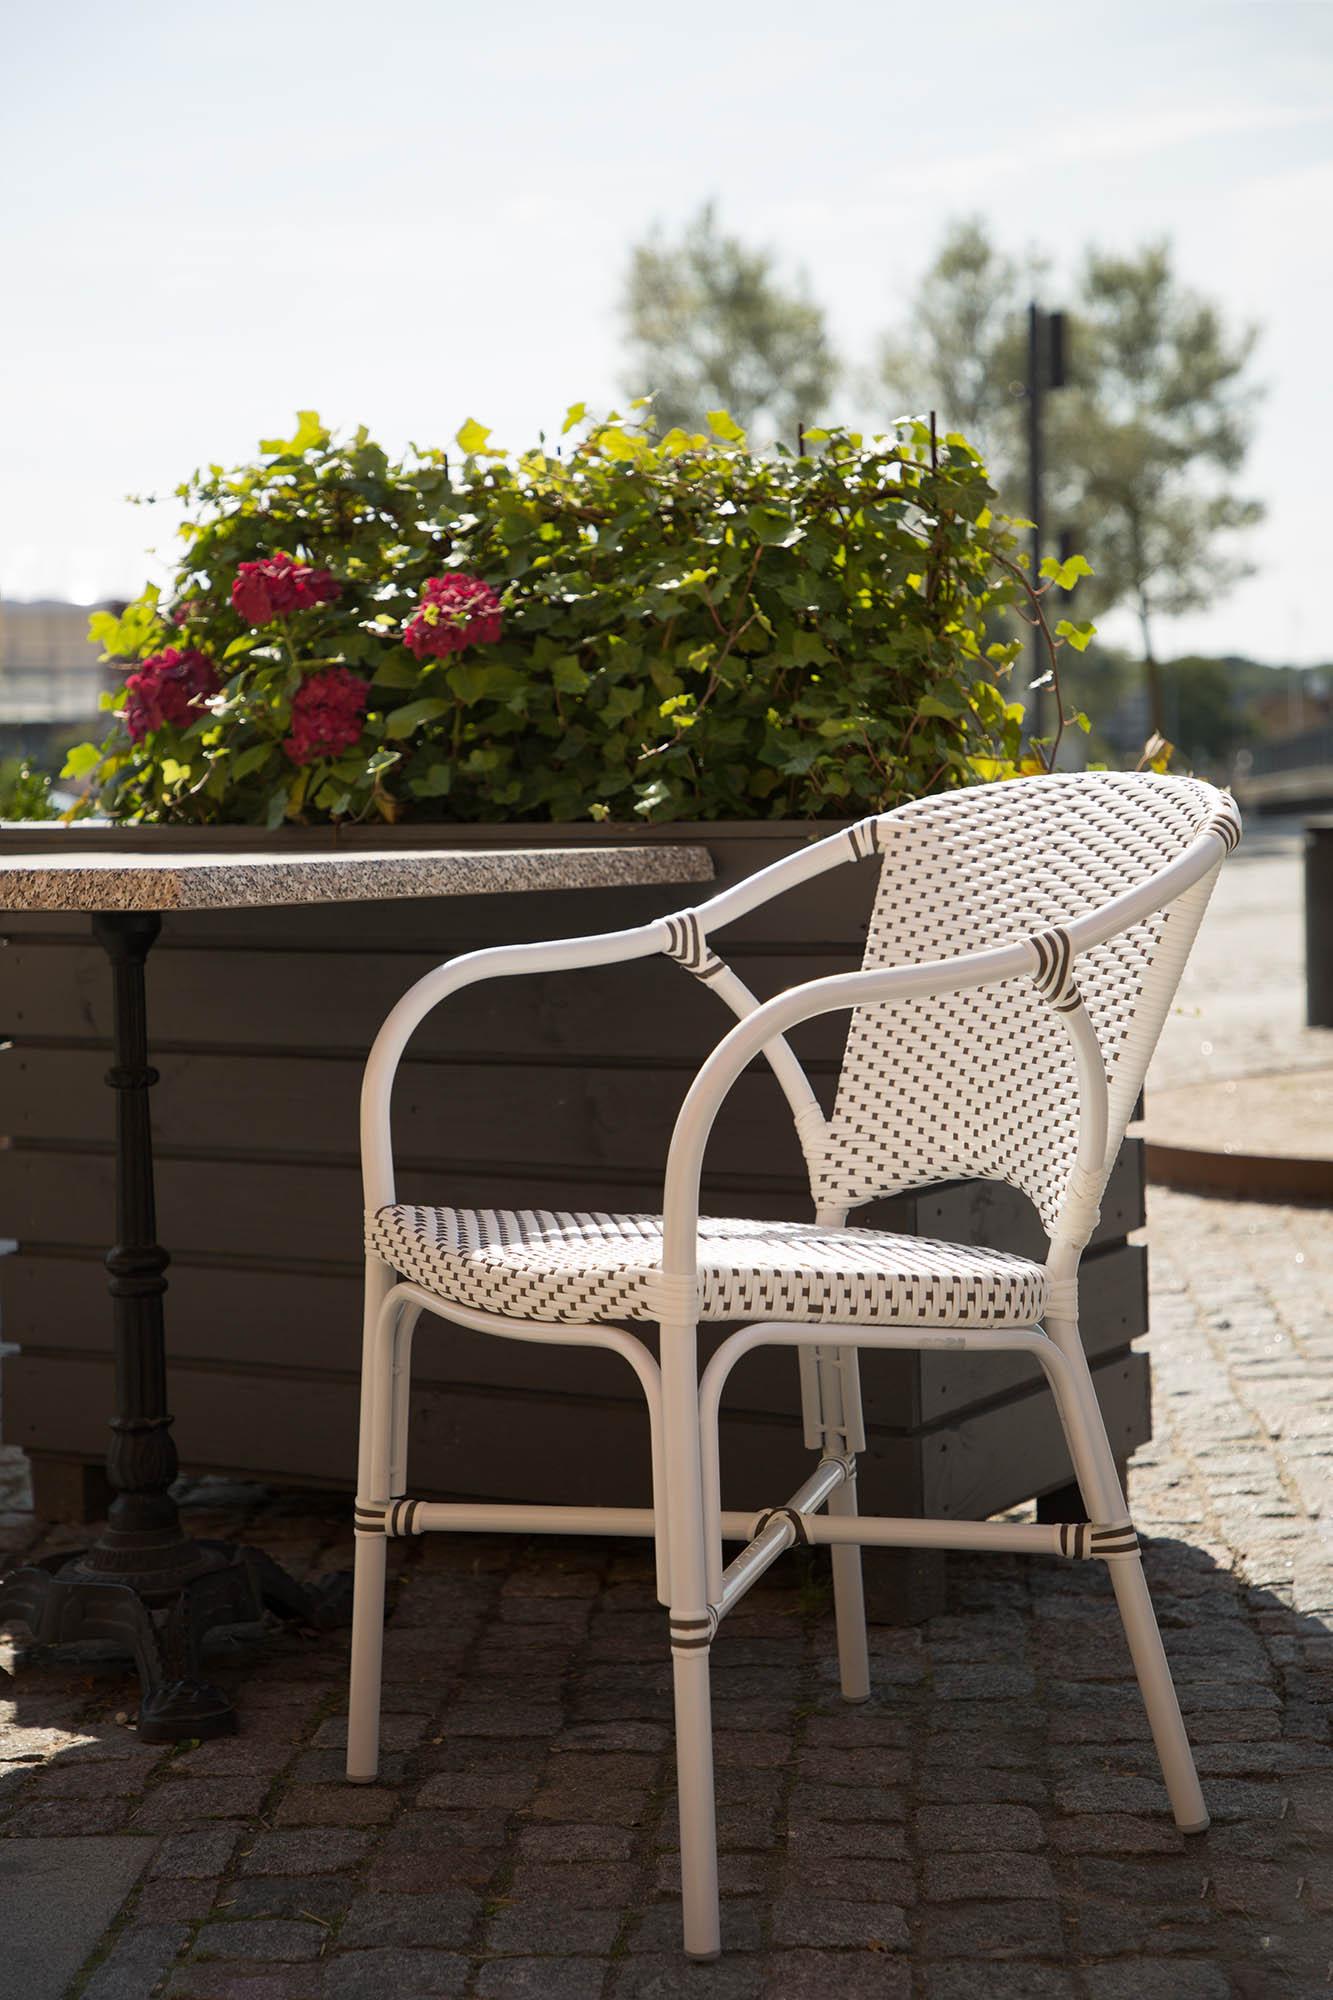 Valerie karmstol från Sika-Design, här i aluminium och konstrotting för utomhusbruk.